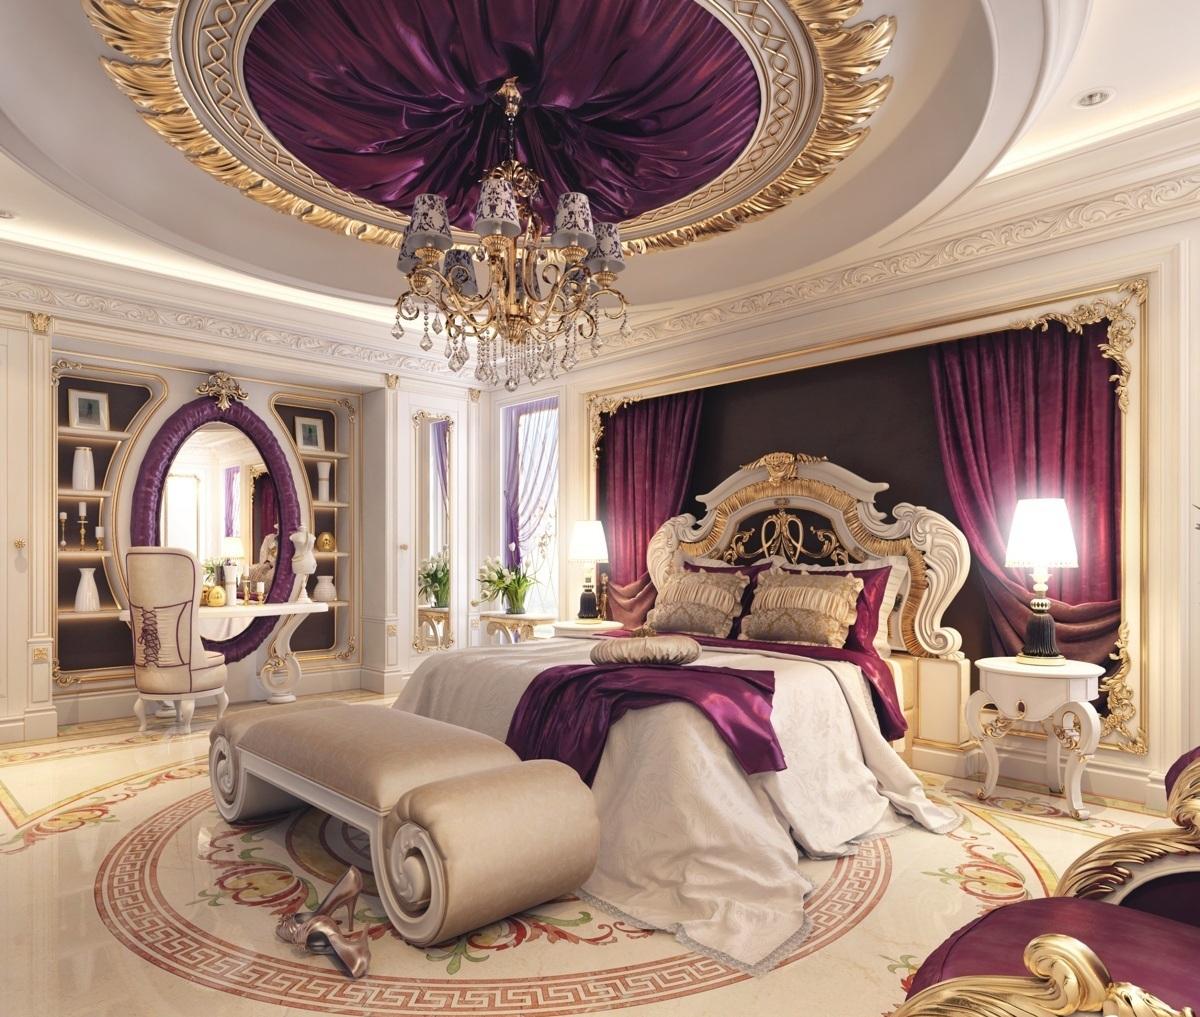 بالصور اجمل ديكورات غرف النوم , ديكورات غرف نوم راقيه 3568 2